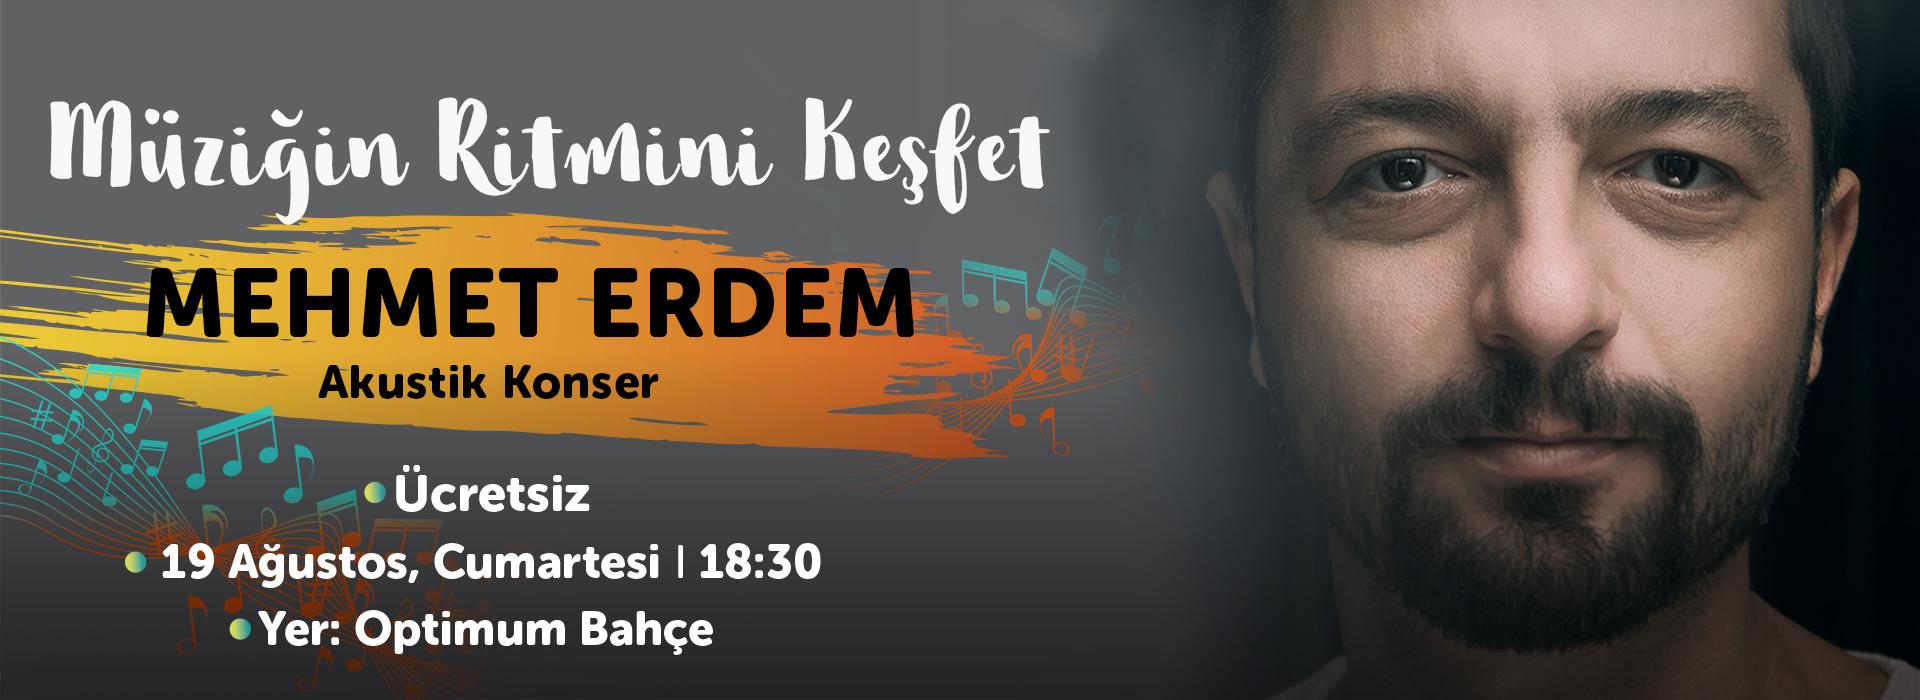 Müziğin Ritmini Keşfet Mehmet Erdem